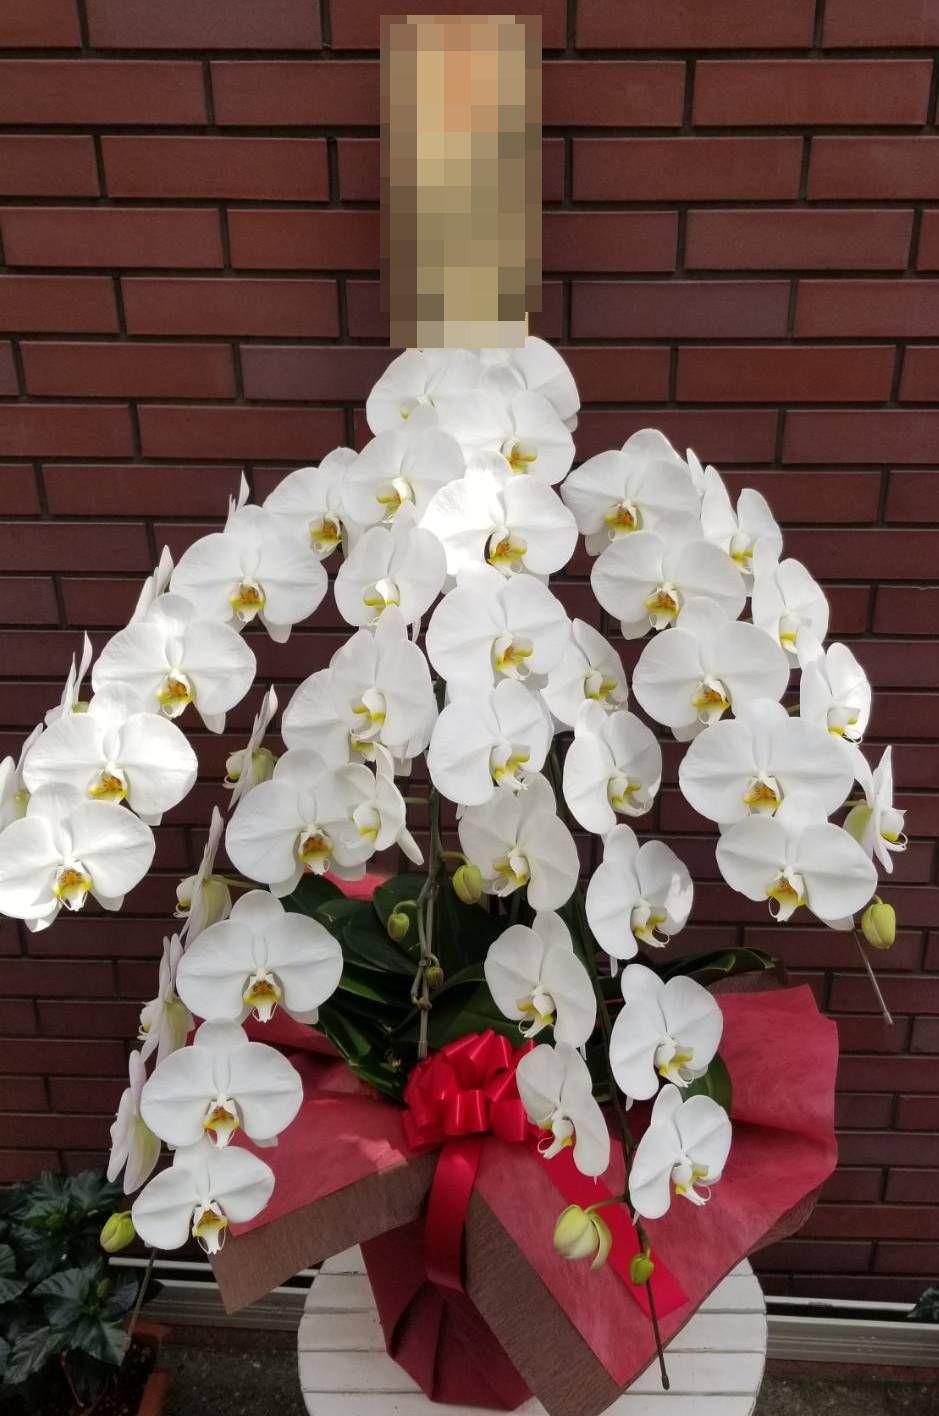 【ナオ花屋の納品事例72】東京都中野区の法人企業様へ胡蝶蘭を配達しました!